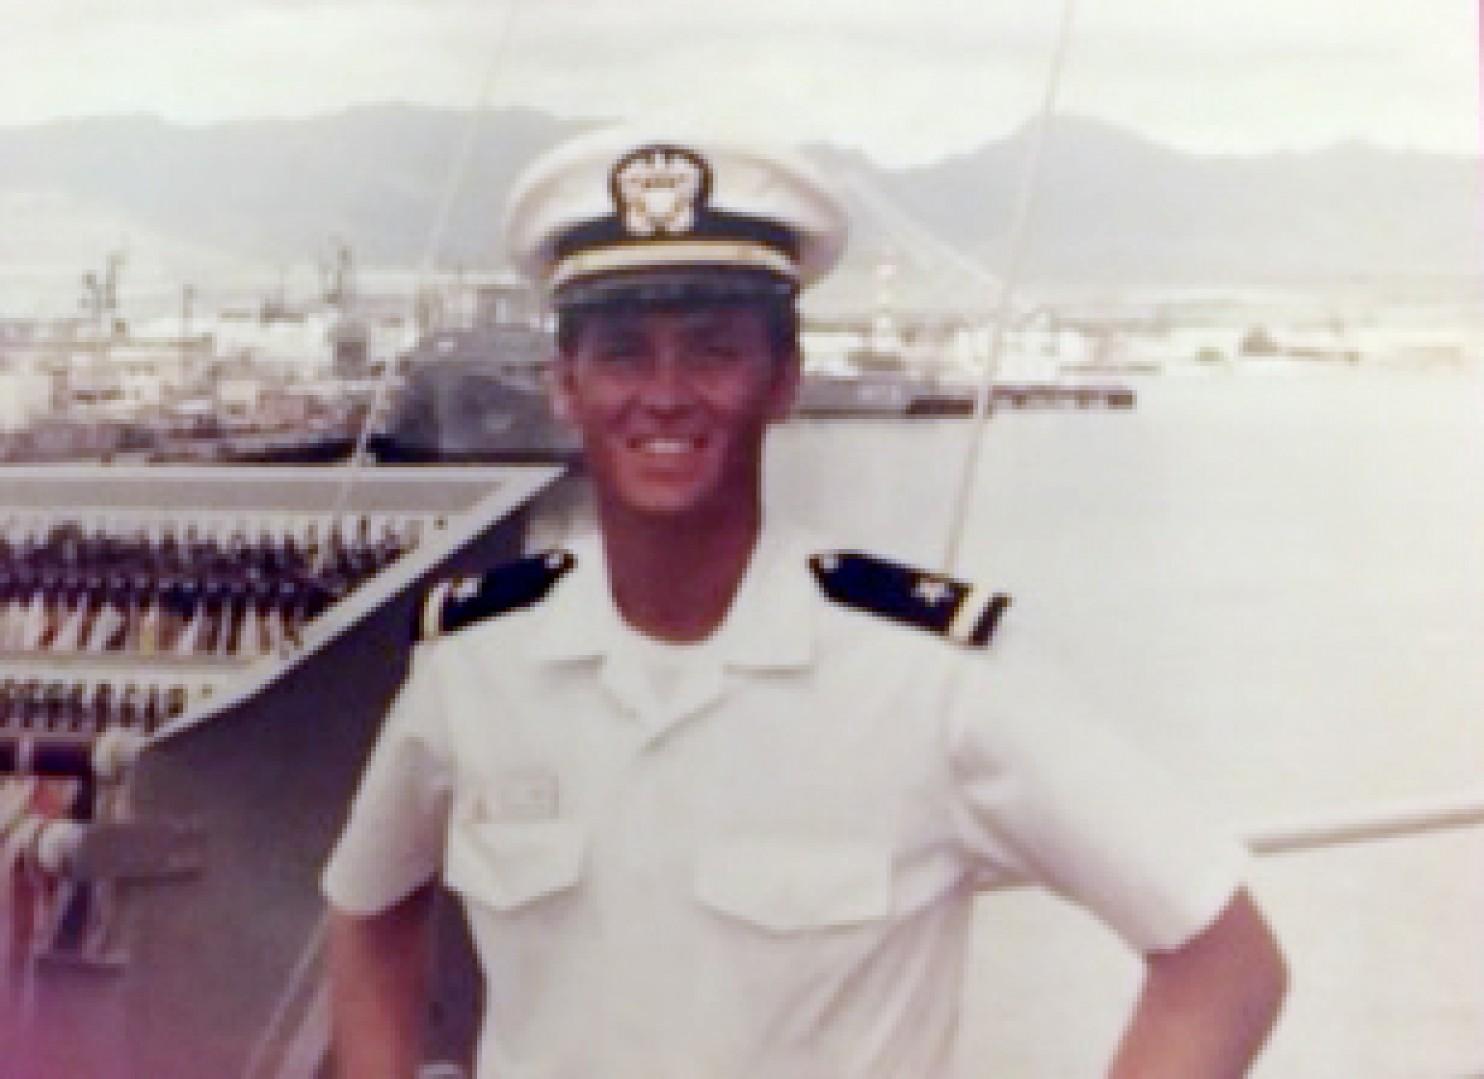 نقش استفن بنون در عملیات ناکام طبس و تاثیر آن بر ذهنیت وی از ایران